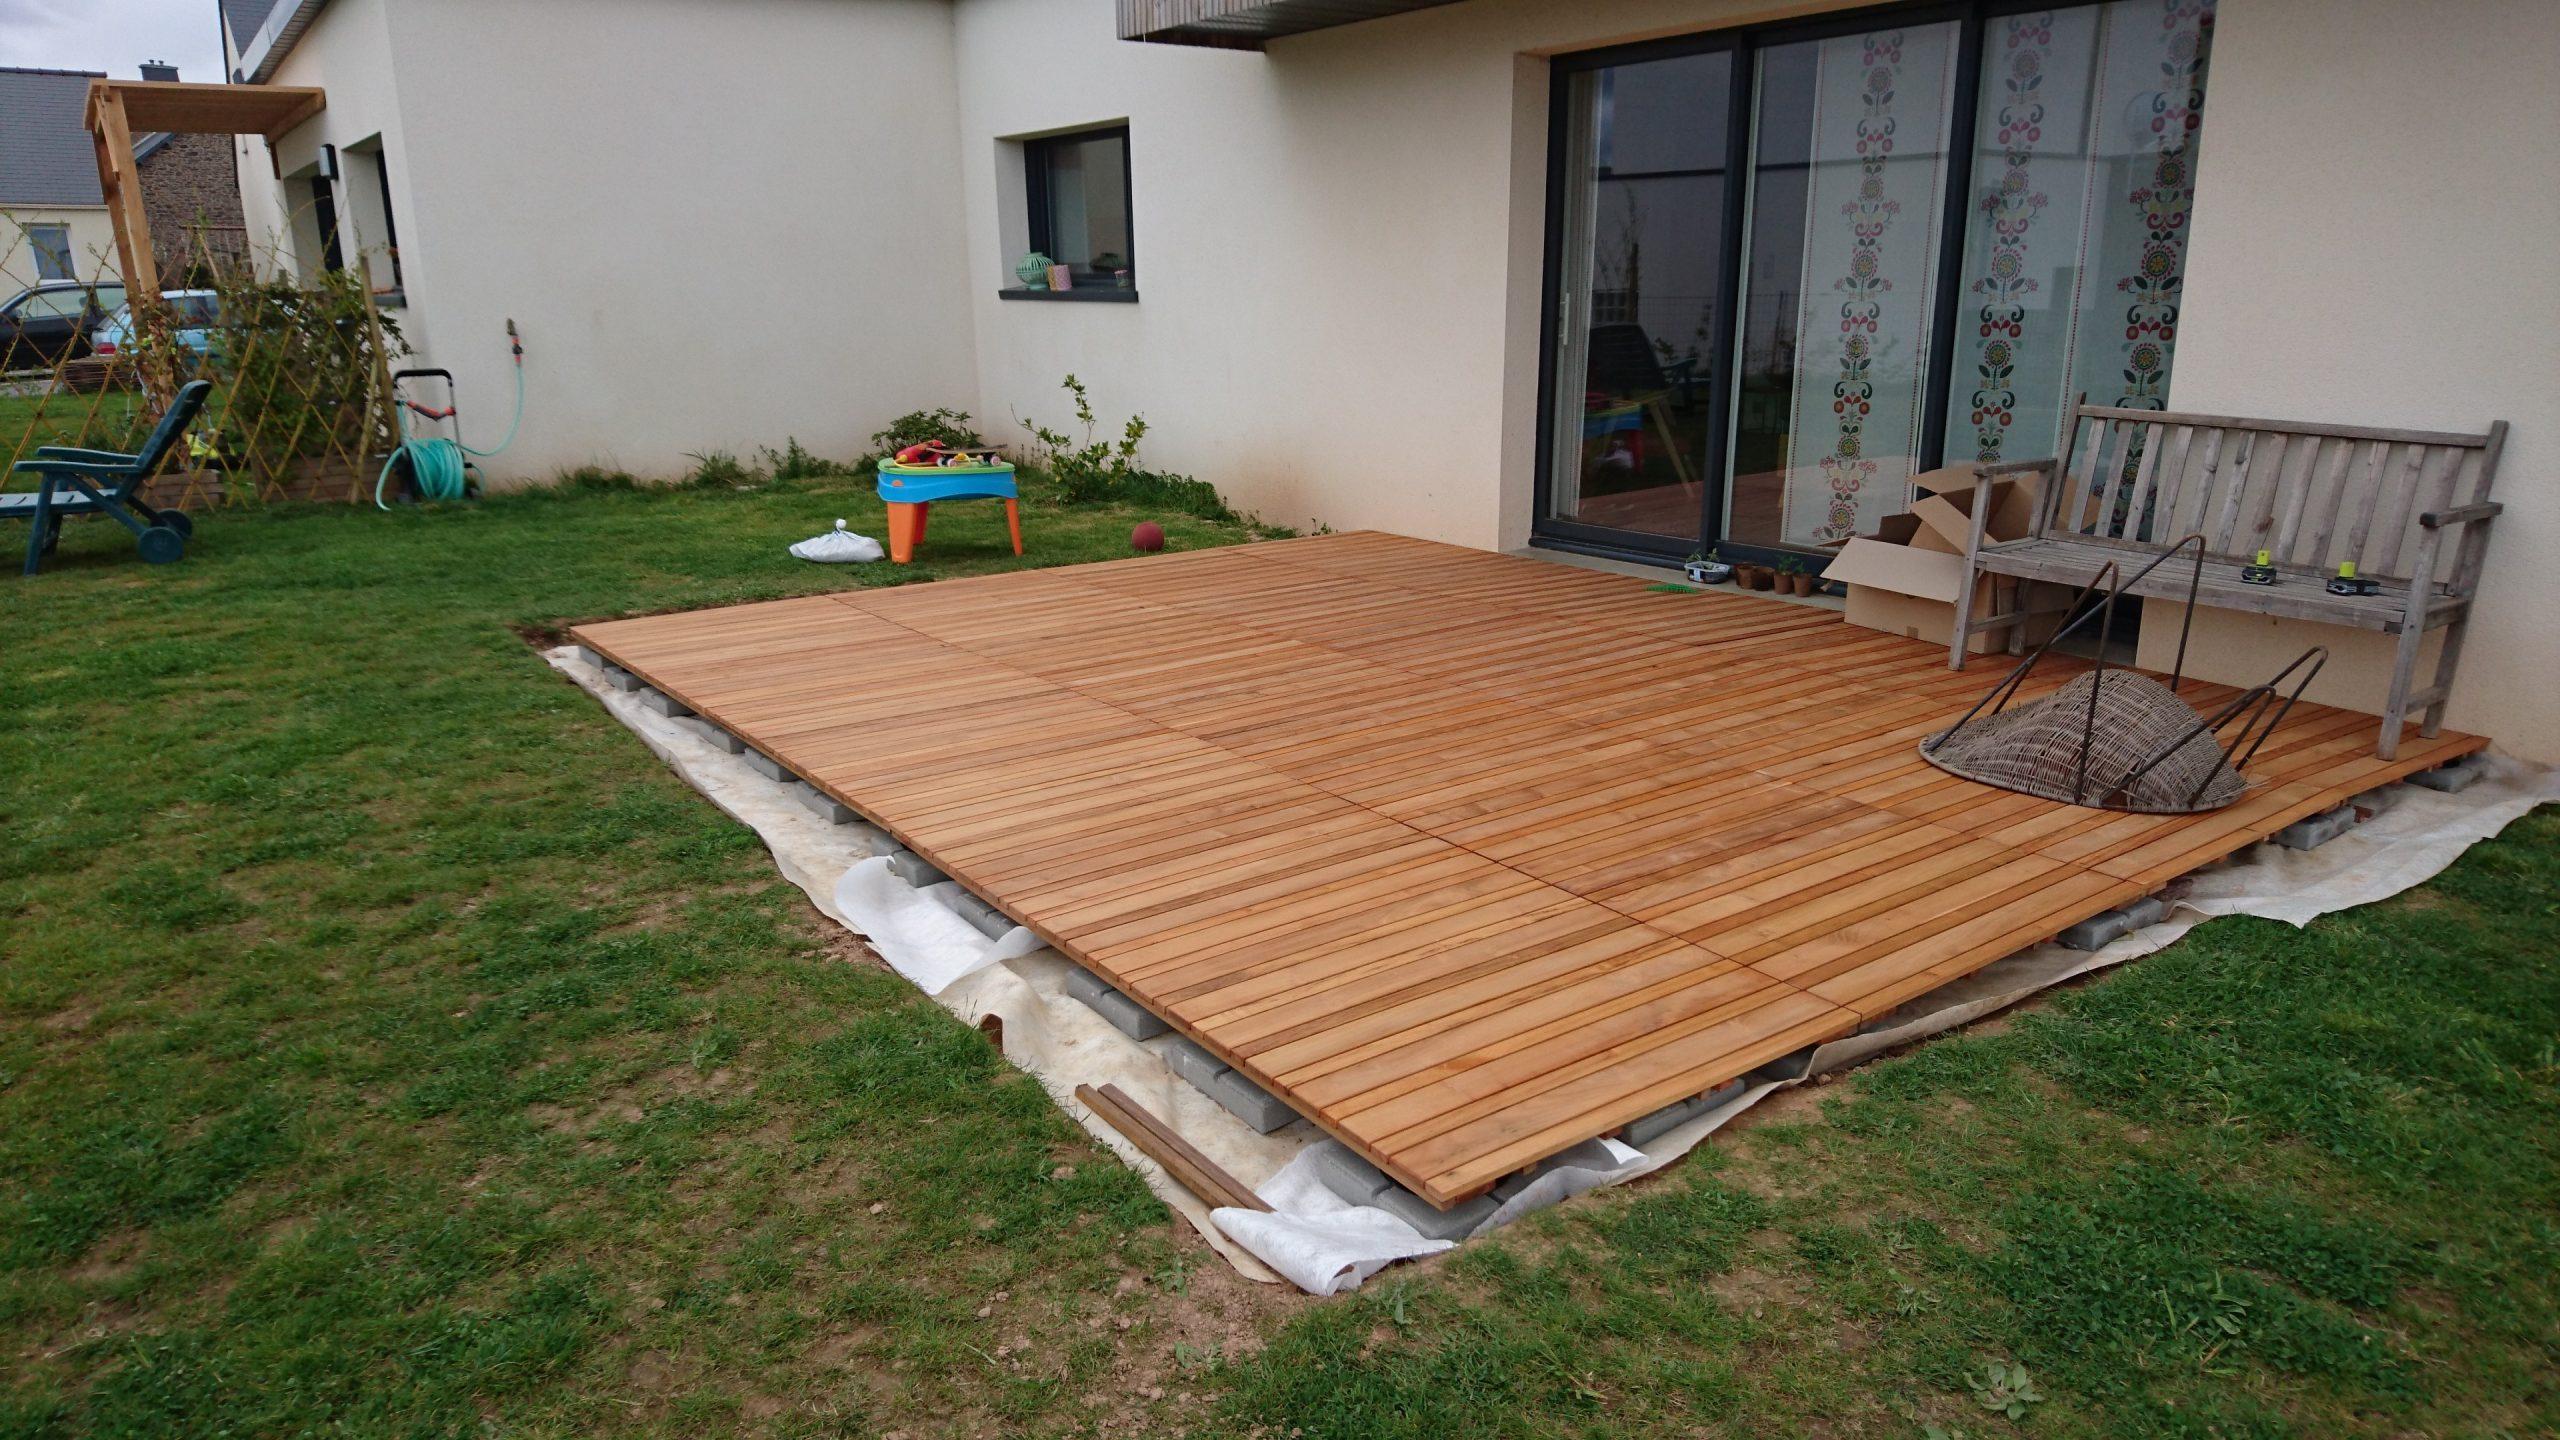 Construire Sa Terrasse Sur De La Terre Meuble - Construction ... pour Terrasse Bois Castorama Sur Plots